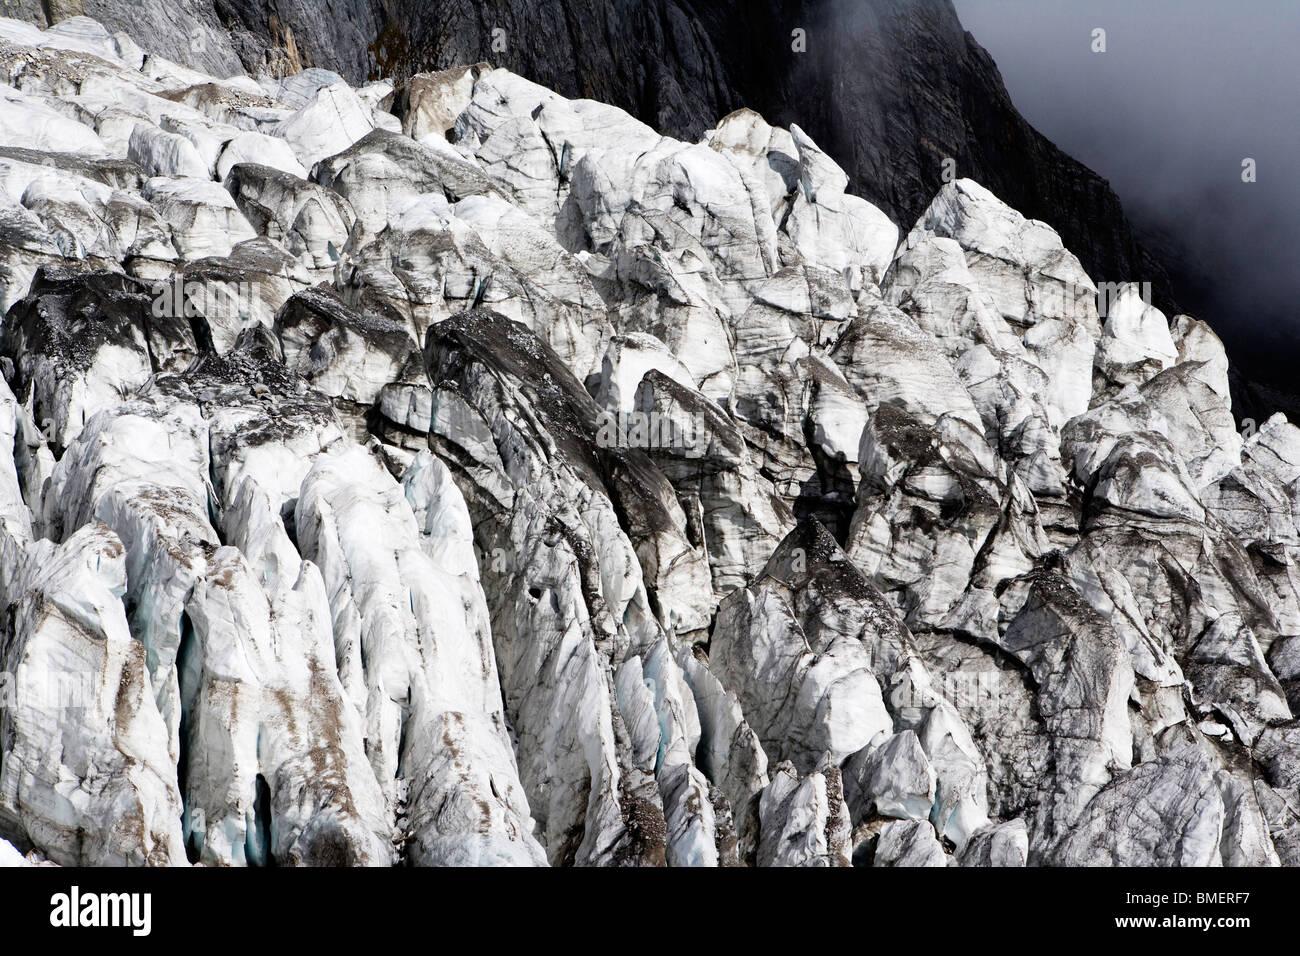 Layers of ice in Yulong Glacier, Yulong Naxi Autonomous County, Lijiang City, Yunnan Province, China - Stock Image